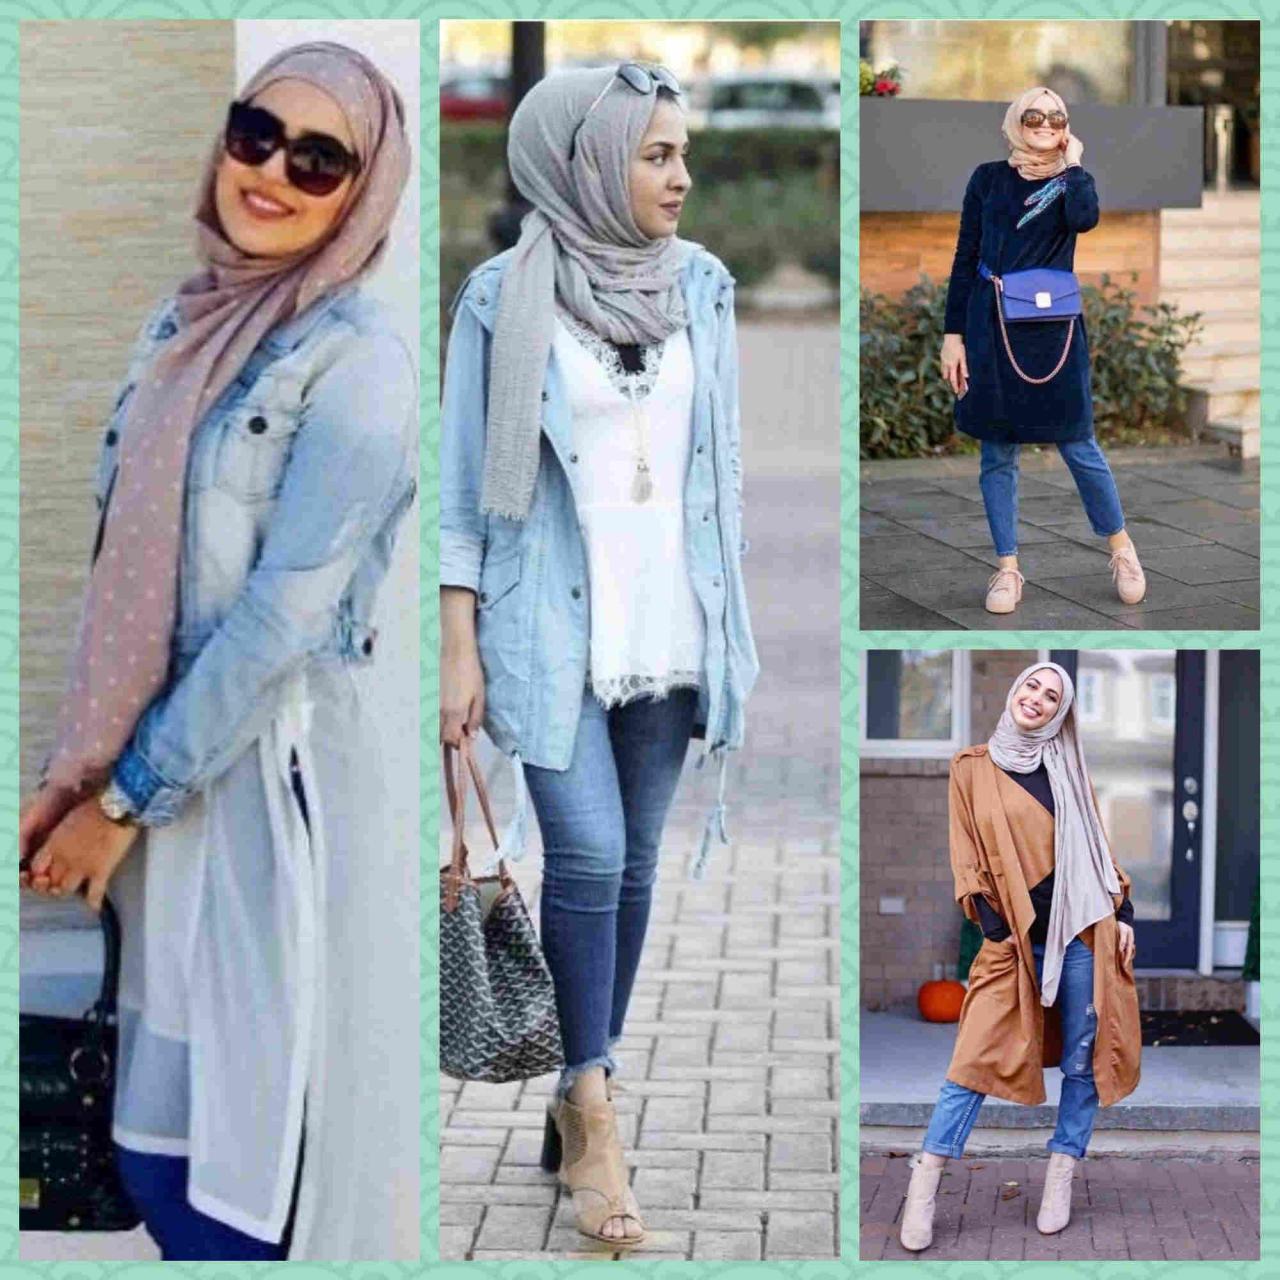 صورة ملابس محجبات بالمغرب , اللبس المغربي وجماله